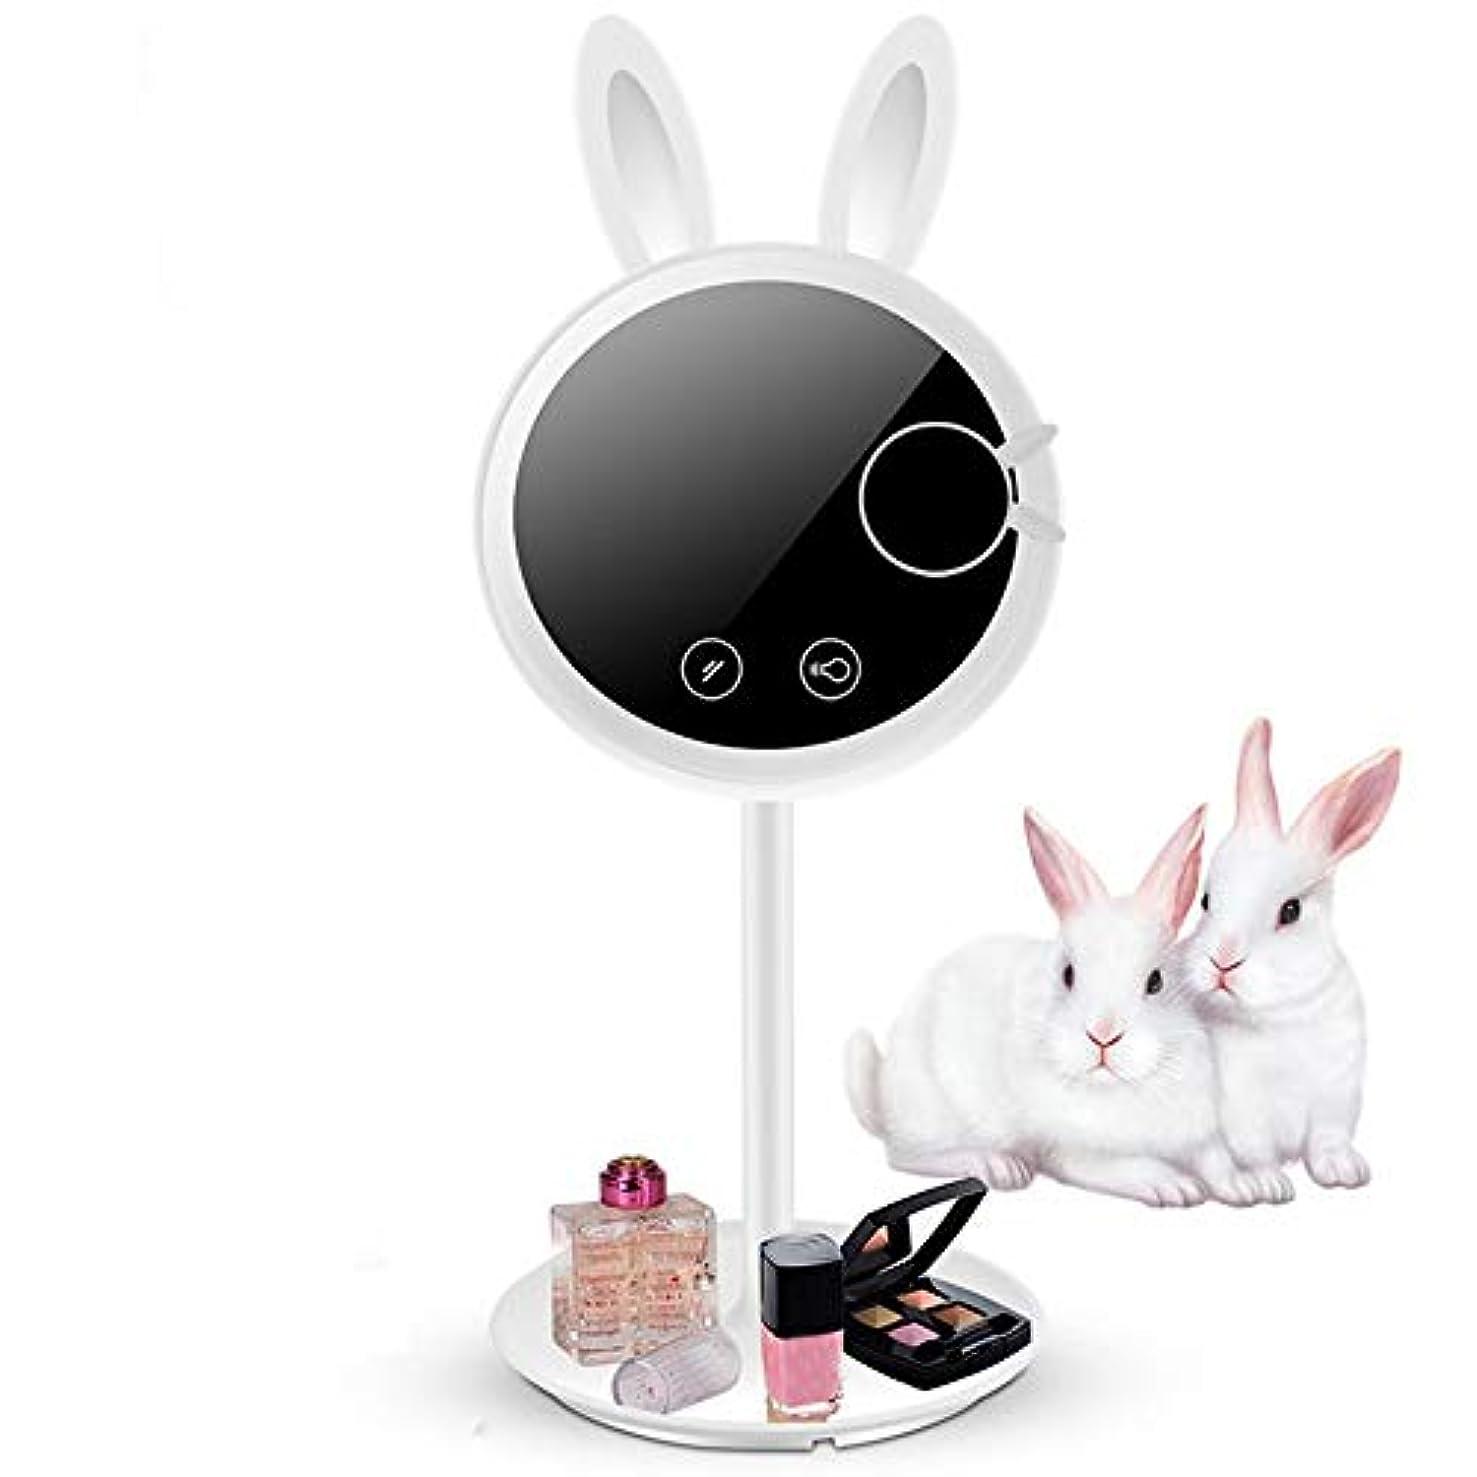 主ゴネリルくしゃくしゃ流行の 新しいバニーLEDフィルライト化粧鏡と光インテリジェントフィルライトデスクトップ化粧鏡ABS小さなギフトホワイト